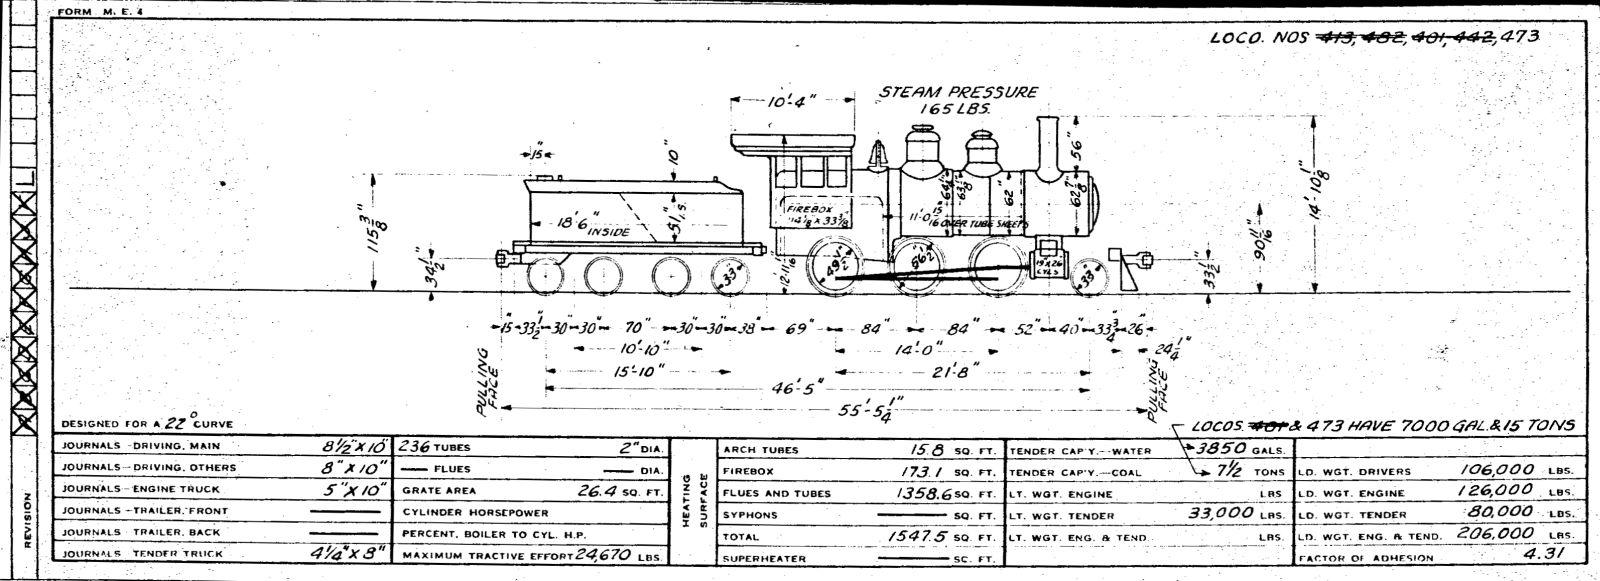 Illinois Central 1955 Locomotive Diagrams Train Diesel Engine Diagram Page 49 Locomotives 600 617 50 700 716 51 726 52 701 715 719 725 727 740